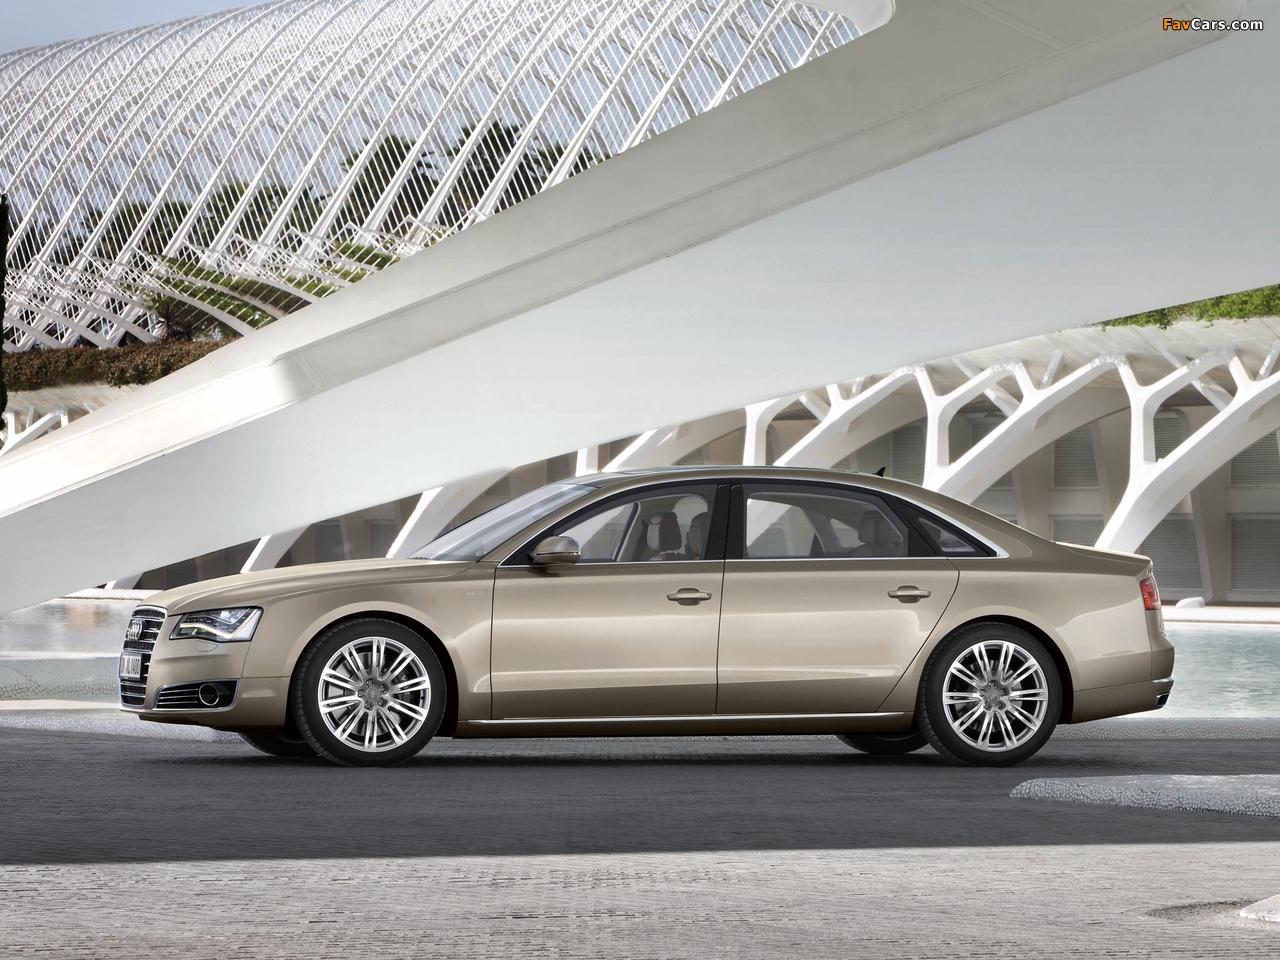 Audi A8l W12 Quattro D4 2010 Pictures 1280x960